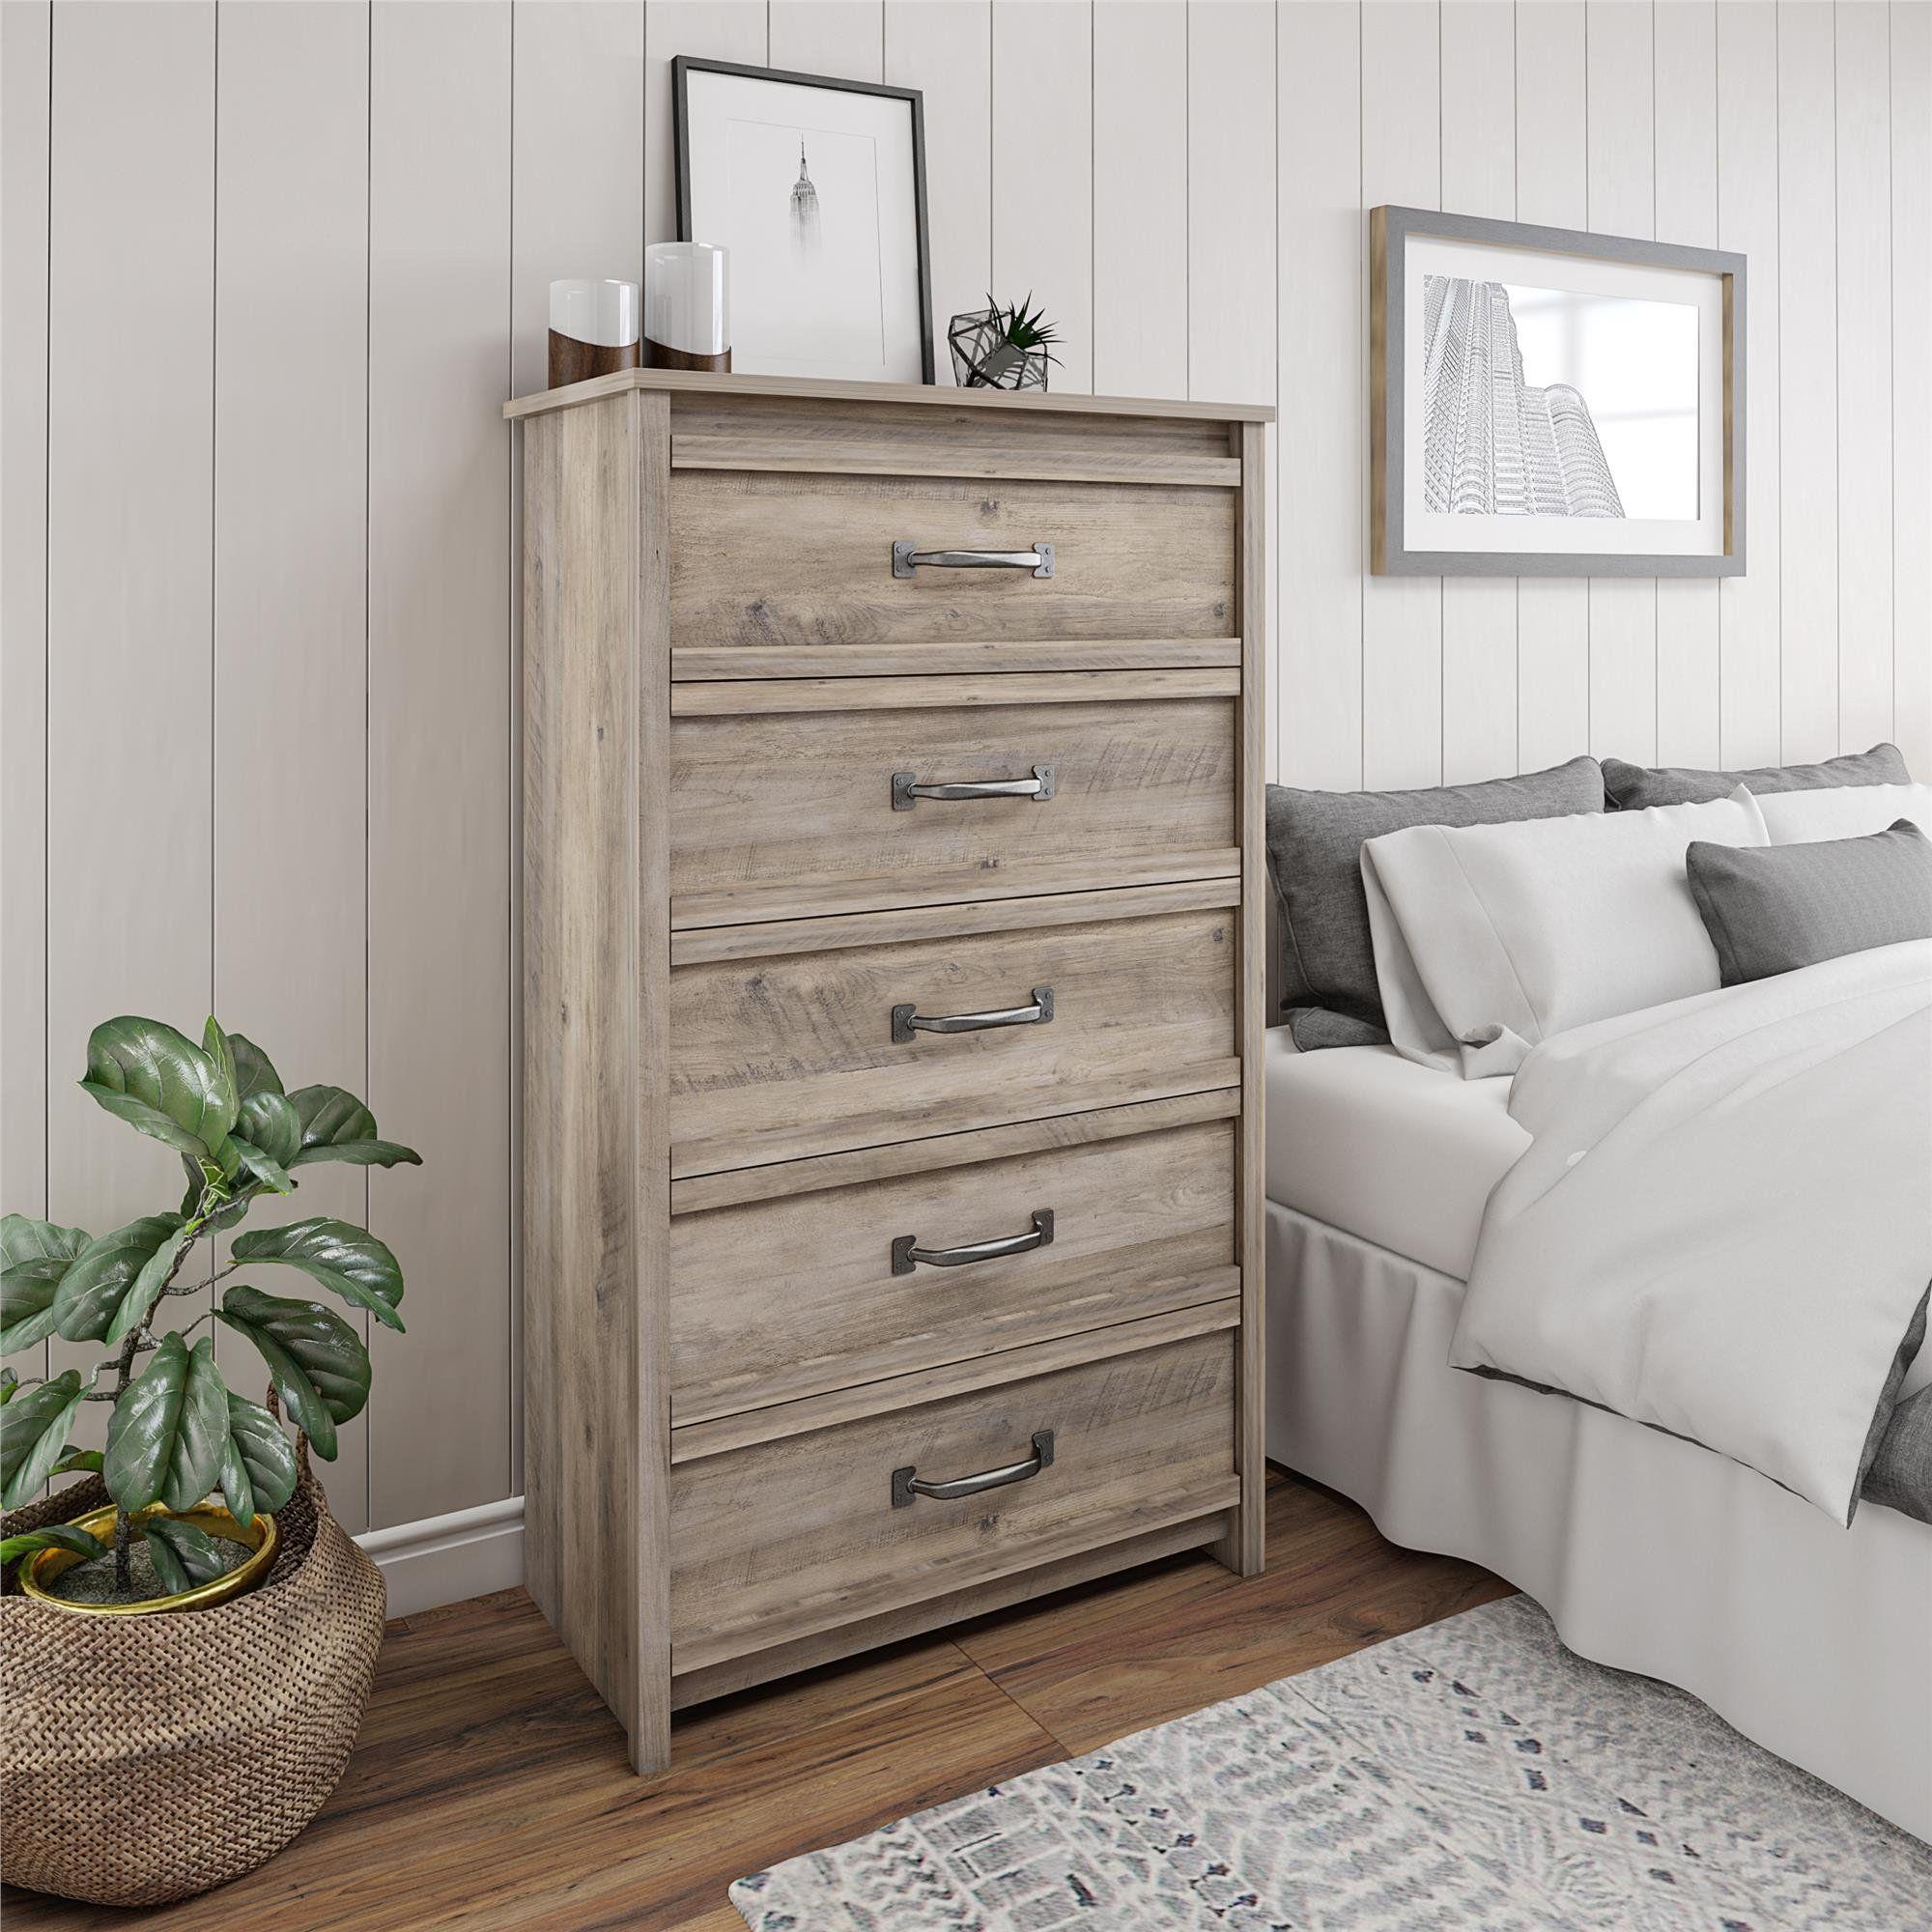 Better Homes Gardens Rustic Ranch 5 Drawer Dresser Gray Oak Walmart Com Tall Dresser Decor Grey Oak Dresser Drawers [ 2000 x 2000 Pixel ]